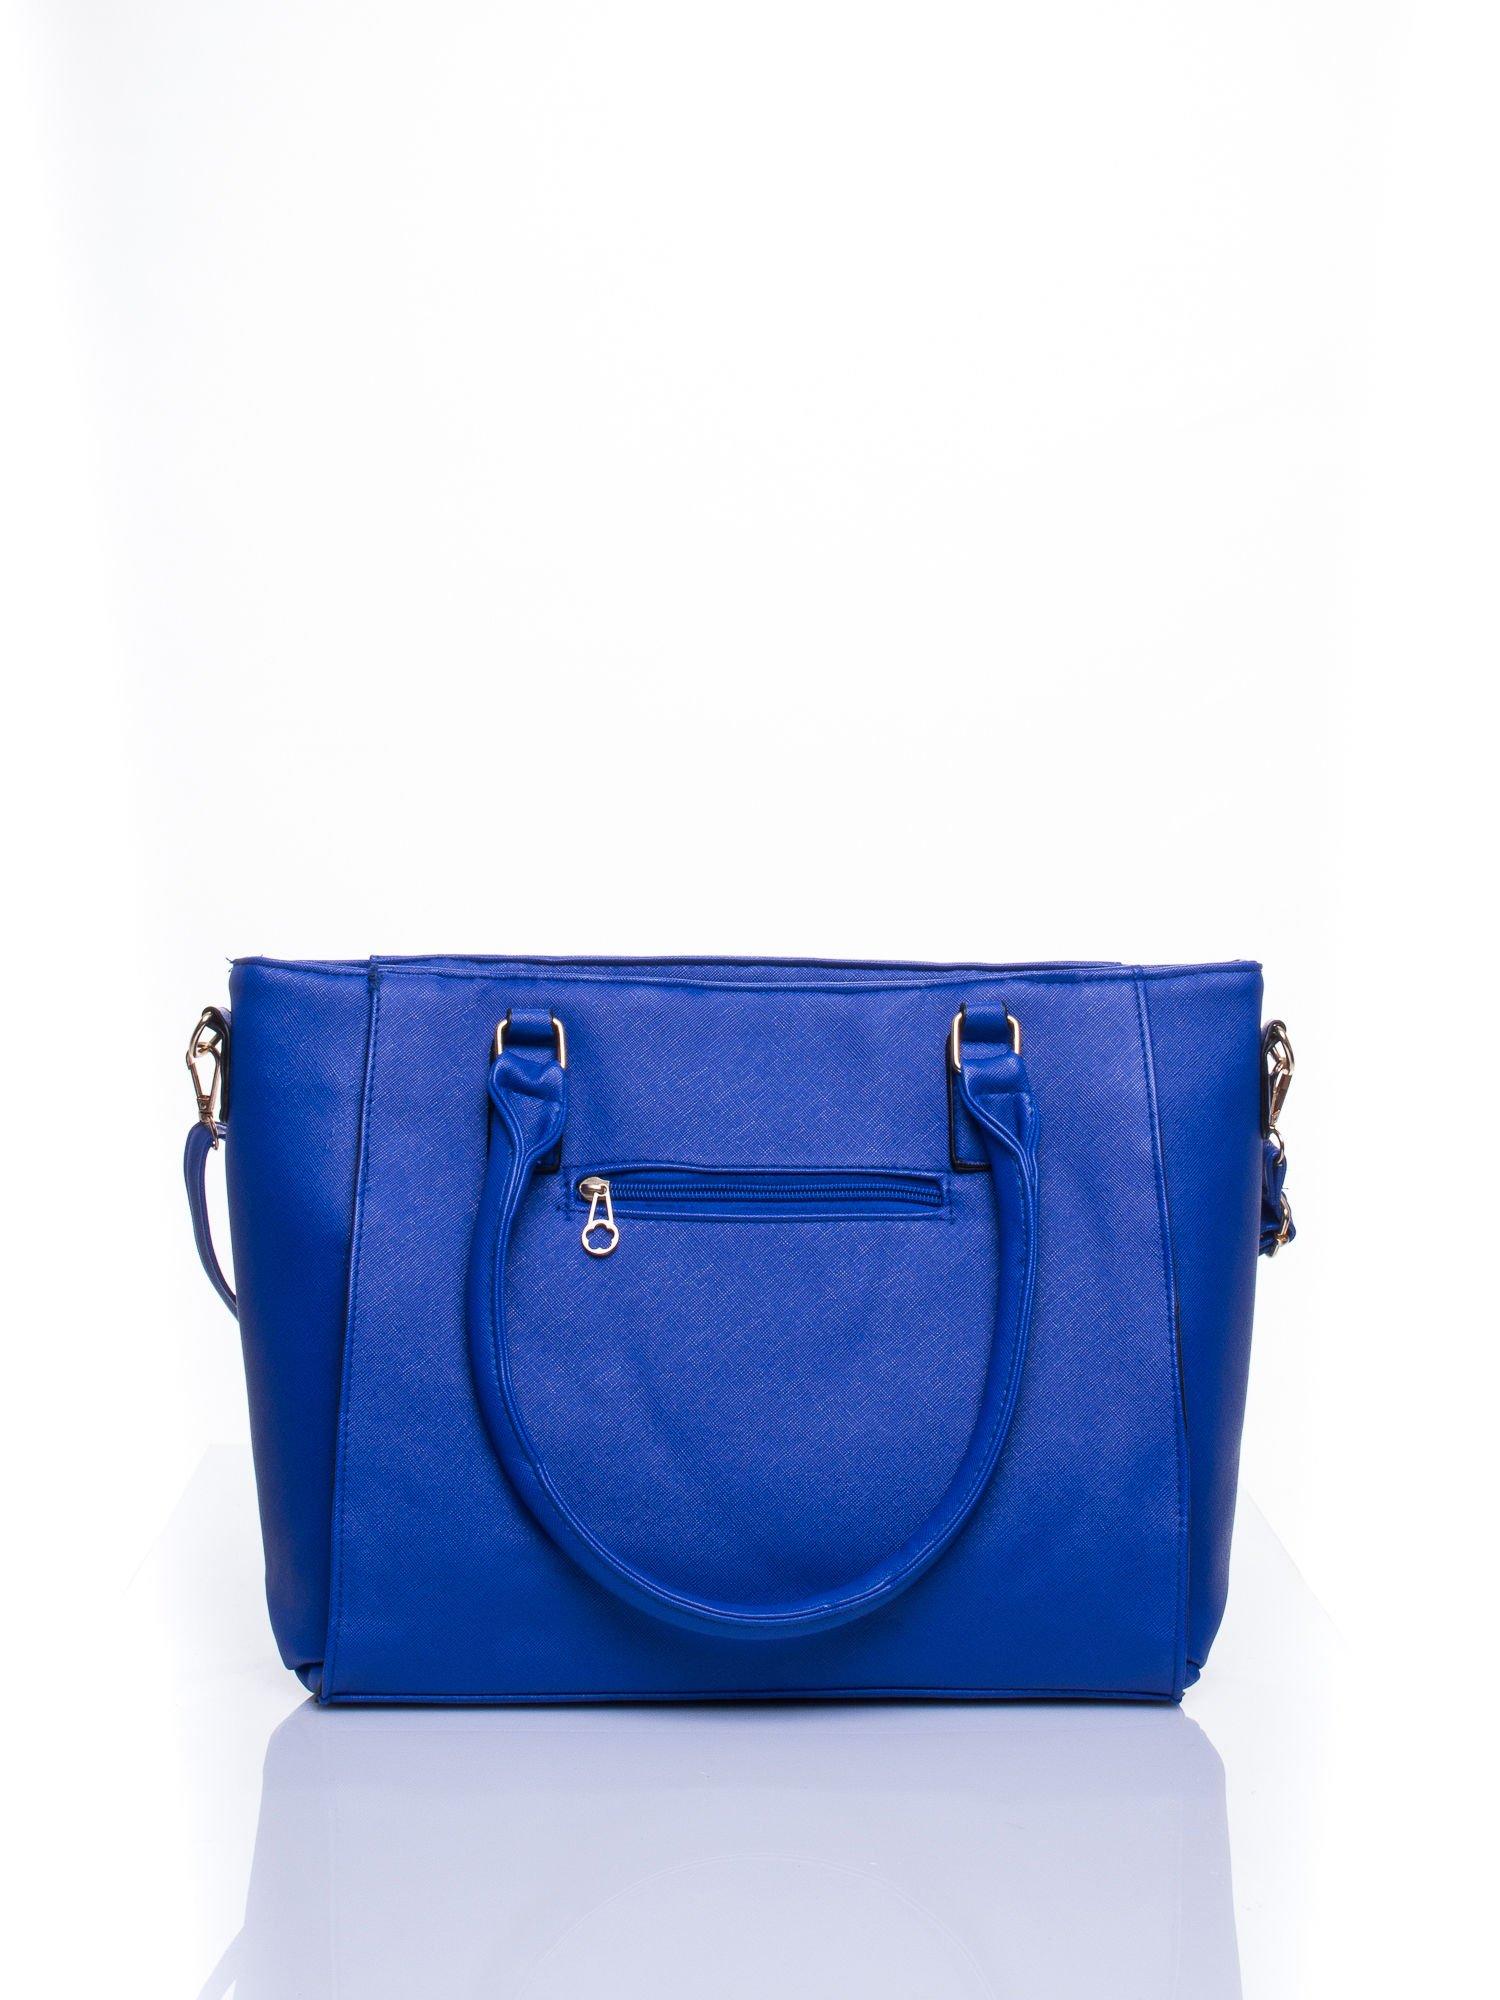 Niebieska torba shopper bag z odpinanym paskiem                                  zdj.                                  3